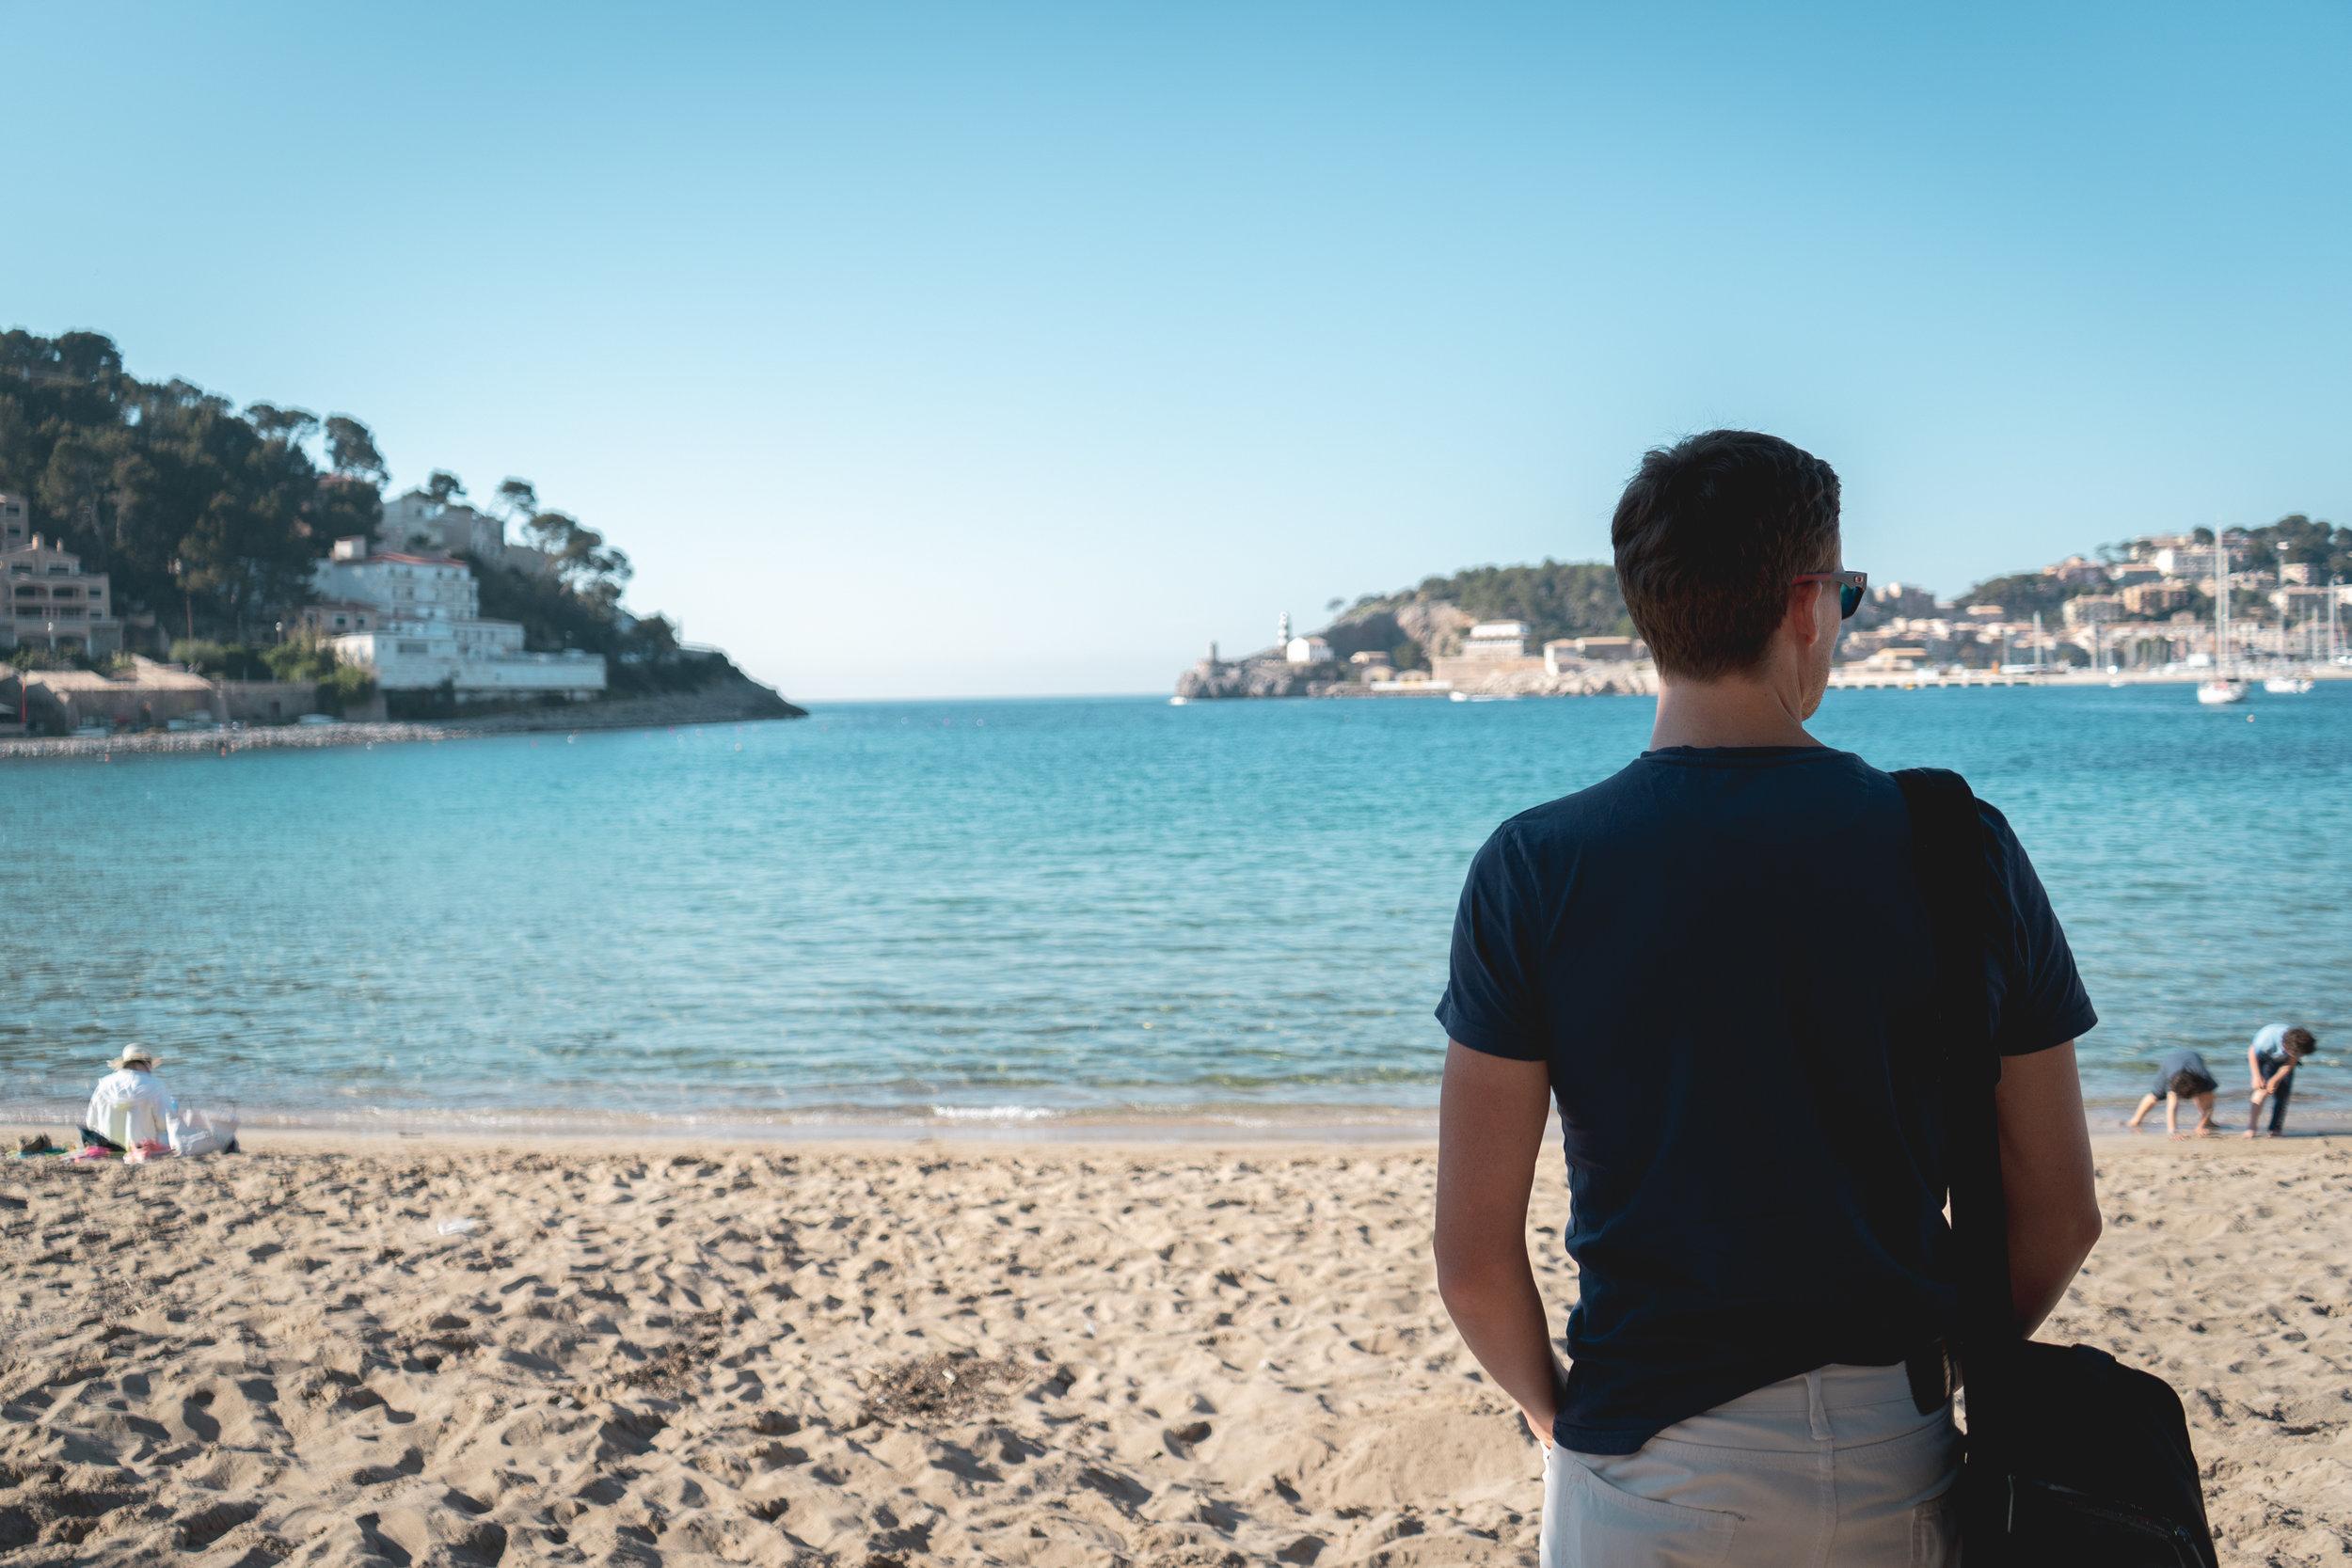 Här kan man vara när man återhämtar sig… Puerto de Sóller på Mallorca.